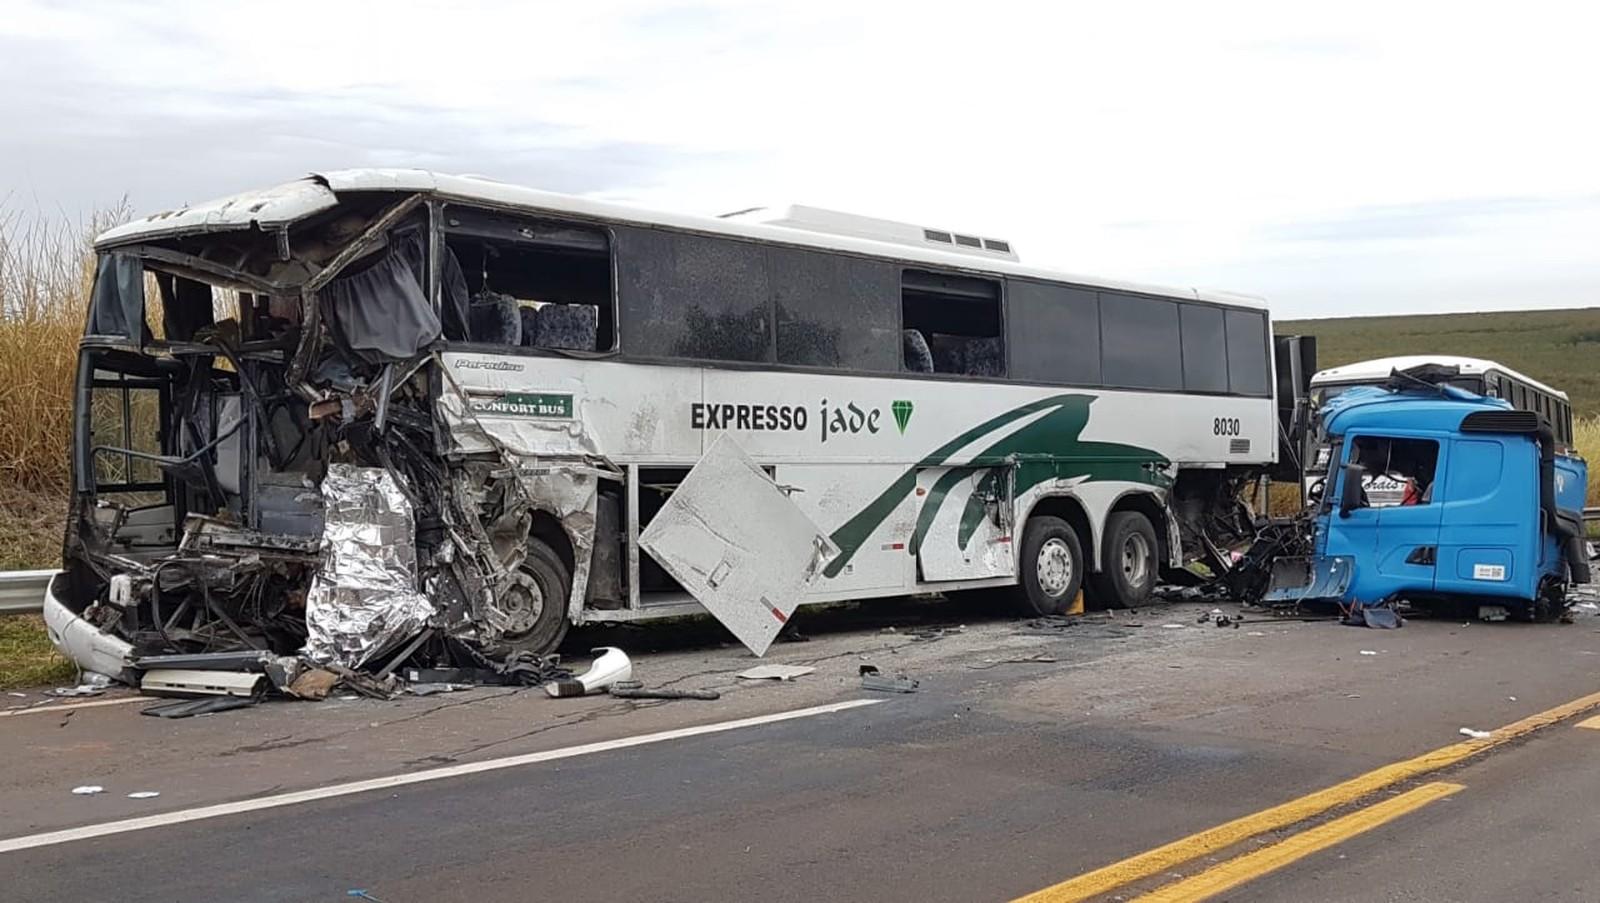 Acidente envolveu dois ônibus e caminhão entre Jaú e Bocaina — Foto: Luizinho Andretto/Divulgação